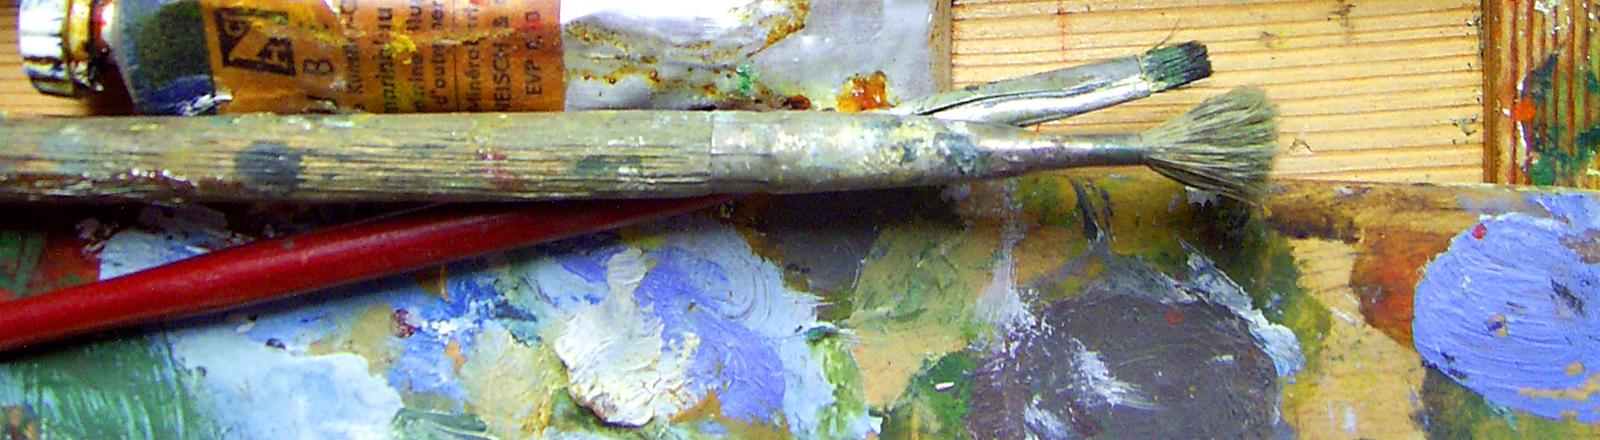 Utensilien für die Malerei